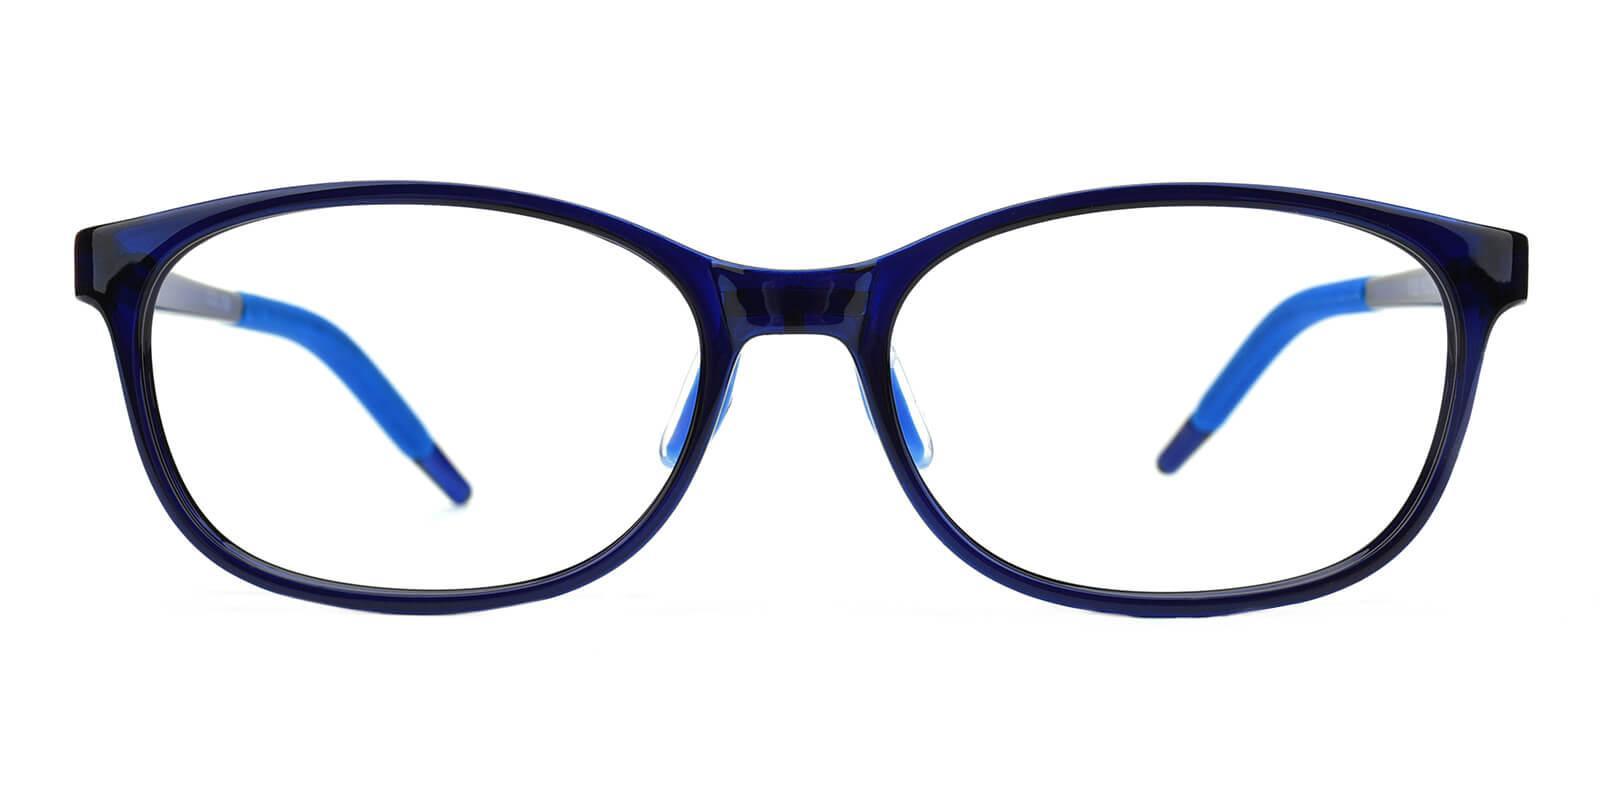 Ebner-Blue-Rectangle-TR-Eyeglasses-detail